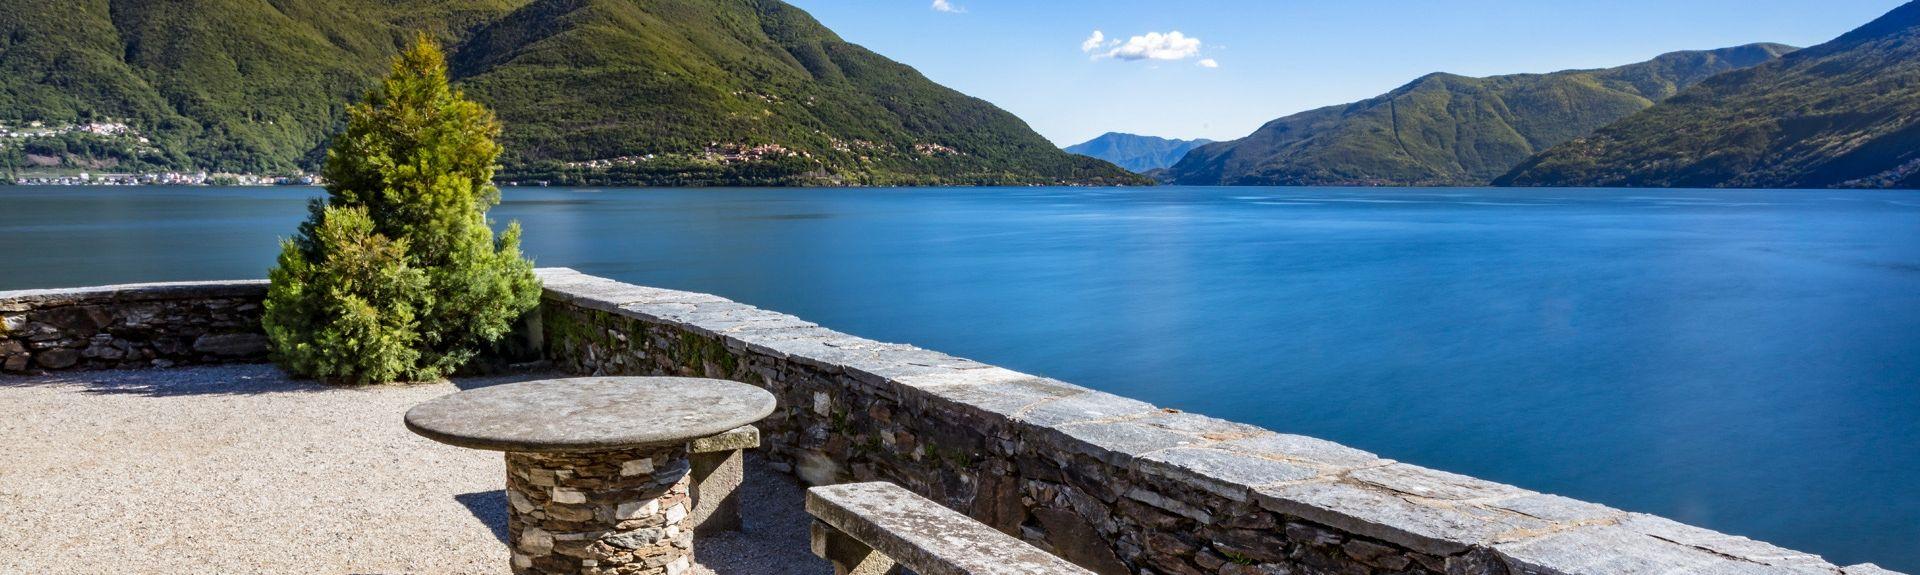 Villaggio Olandese, Lombardije, Italië